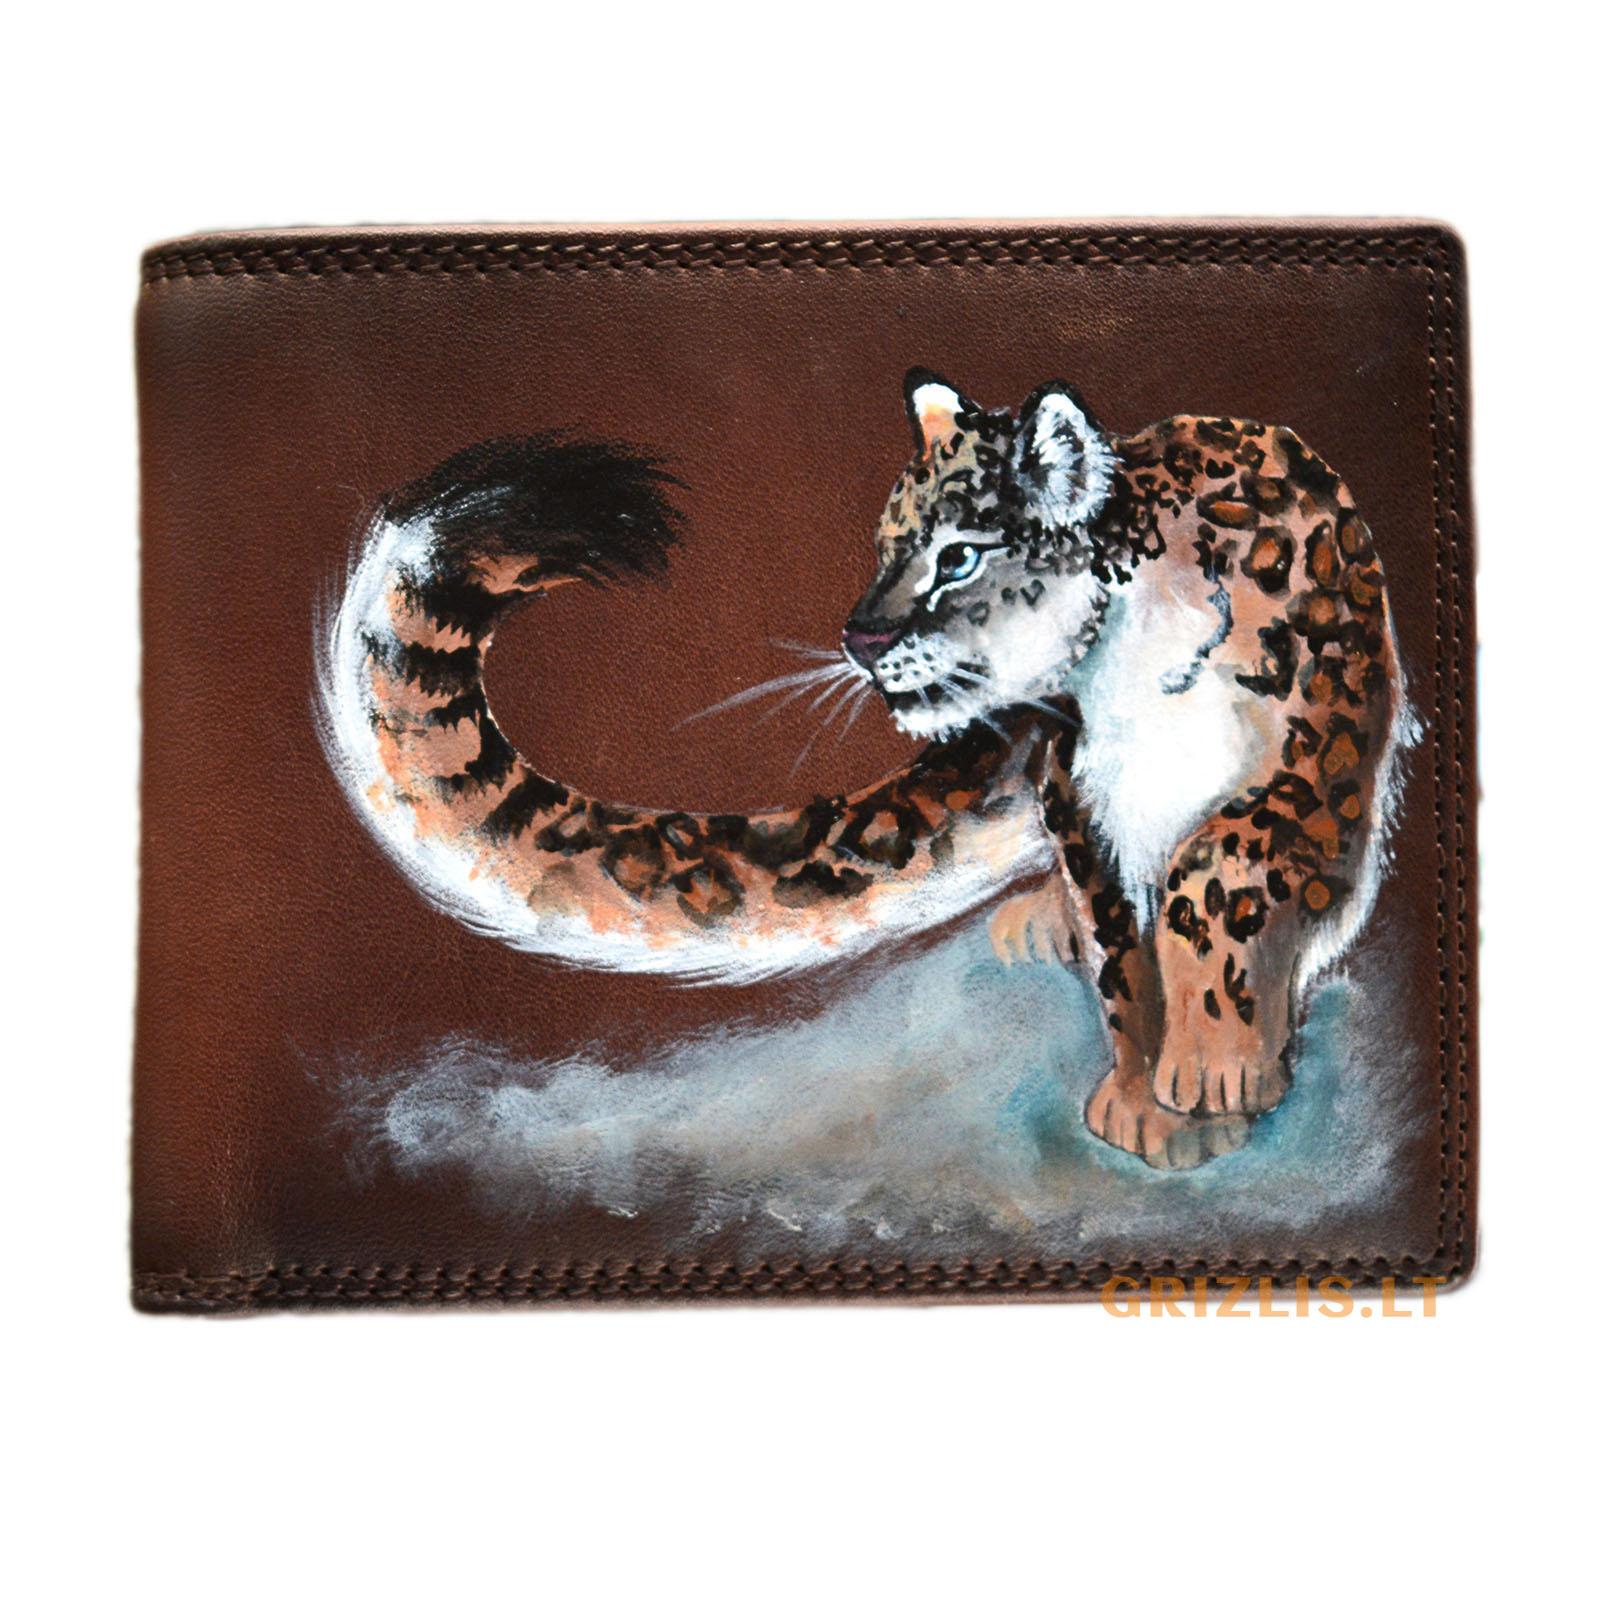 vyriska sendinta ruda odine pinigine su piesiniu iliustracija puma gepardu tigru leopardu lusimi liutas meniskos dailinink is naturalios odos gimtadienio dovanos vyrams teciui sunui vaikinui isskirtines ranku darbo vienetines orginalios unikalios 71r3